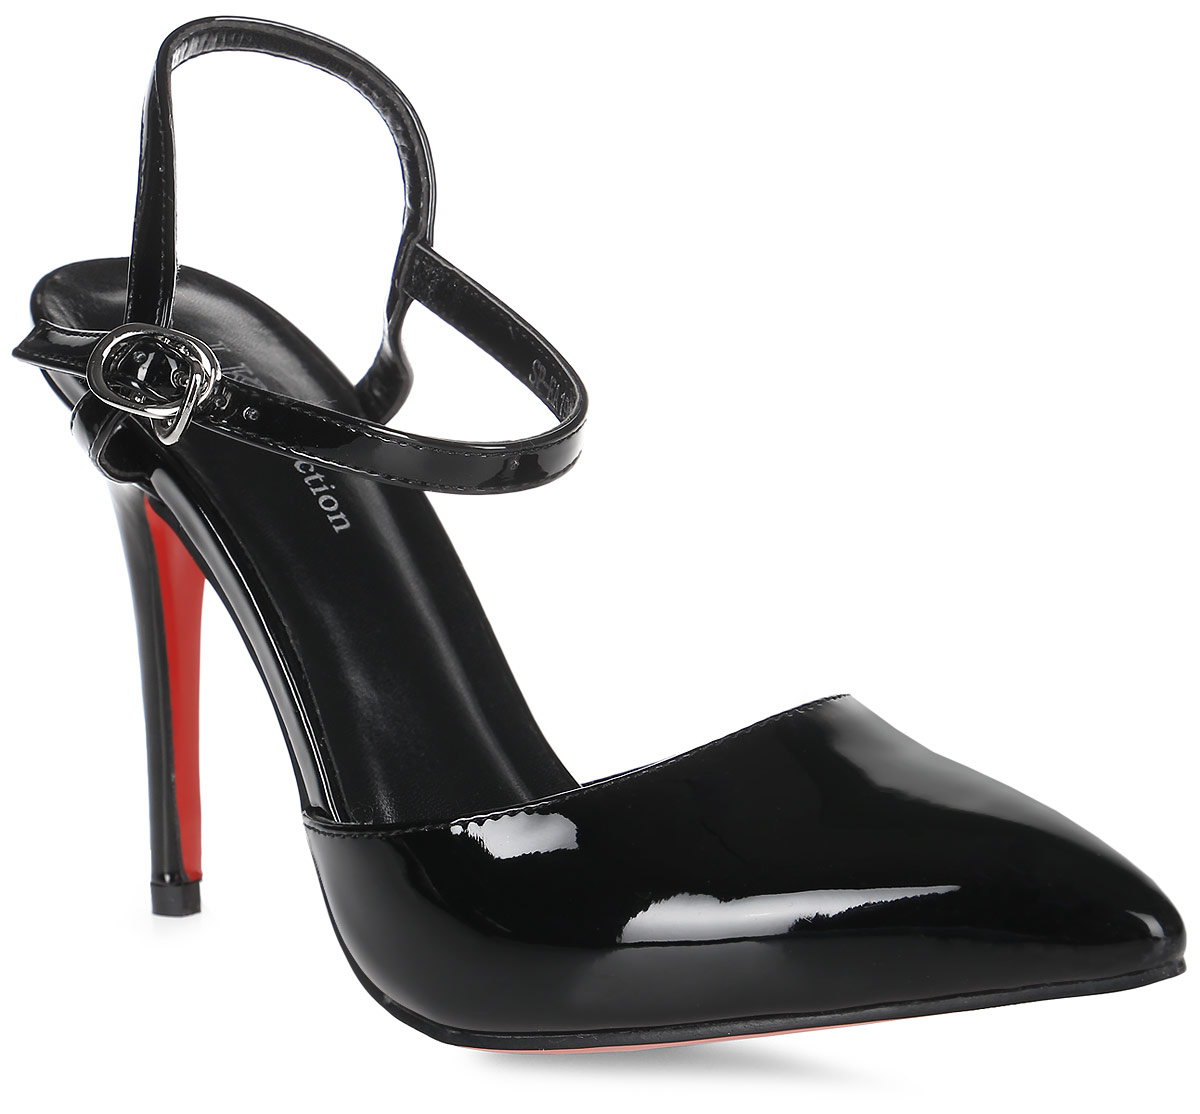 Туфли женские LK Collection, цвет: черный. SP-EA1901-1 PU (SP-E20001-1). Размер 39SP-EA1901-1 PU (SP-E20001-1)Стильные туфли-лодочки с открытой пяткой на высокой шпильке выполнены из искусственной кожи. Стелька выполнена из натуральной кожи.